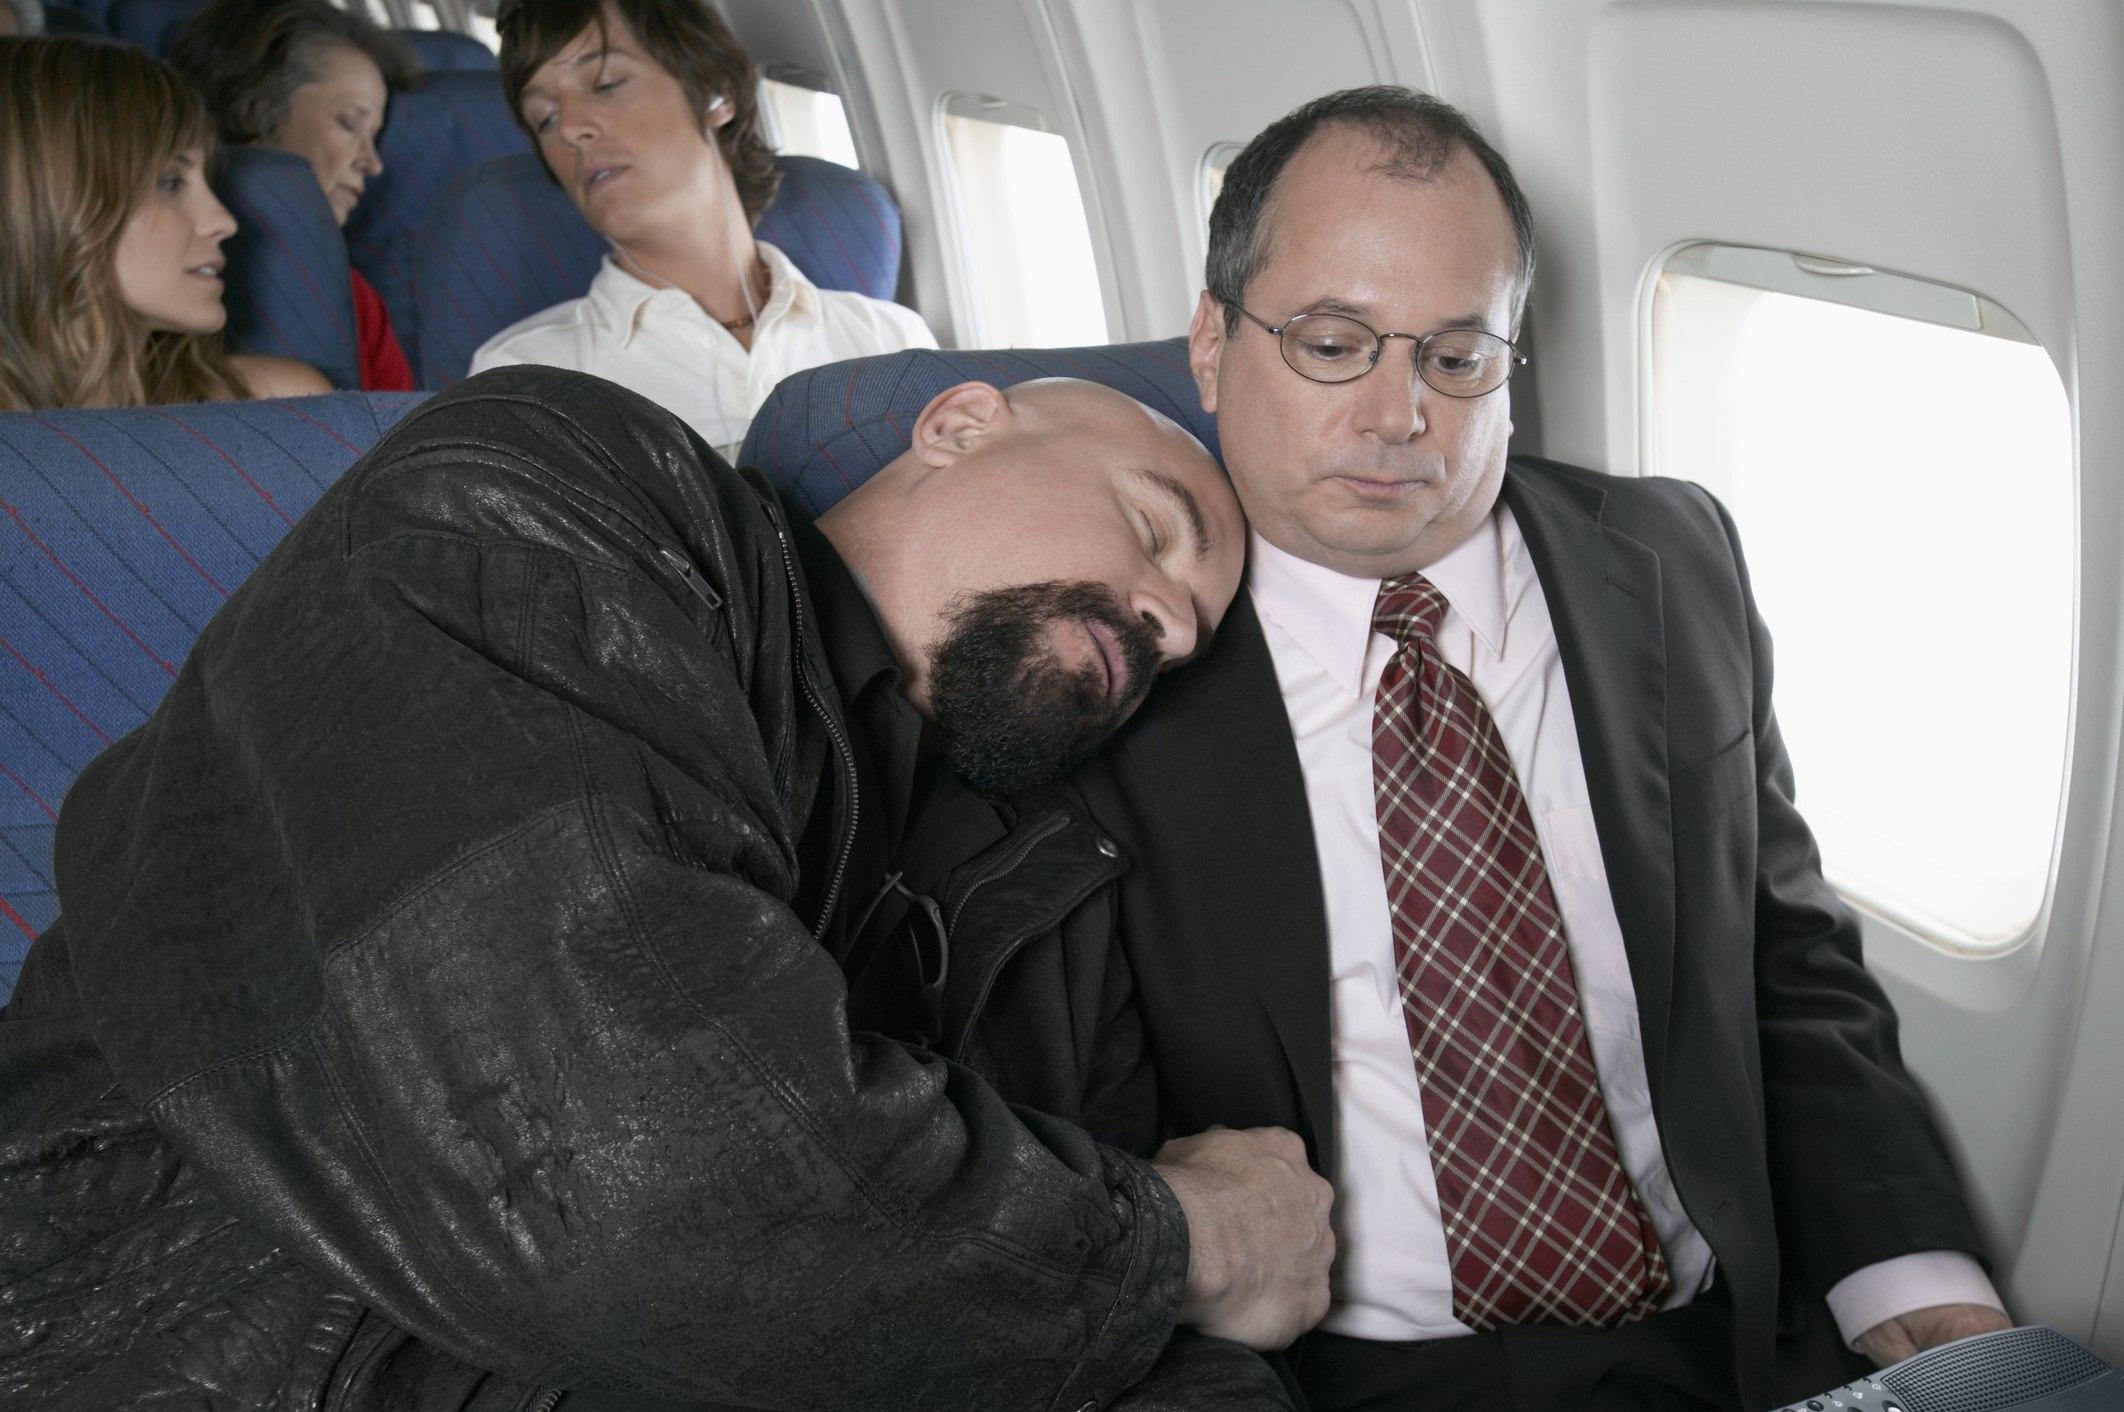 Annoyed pessanger on plane